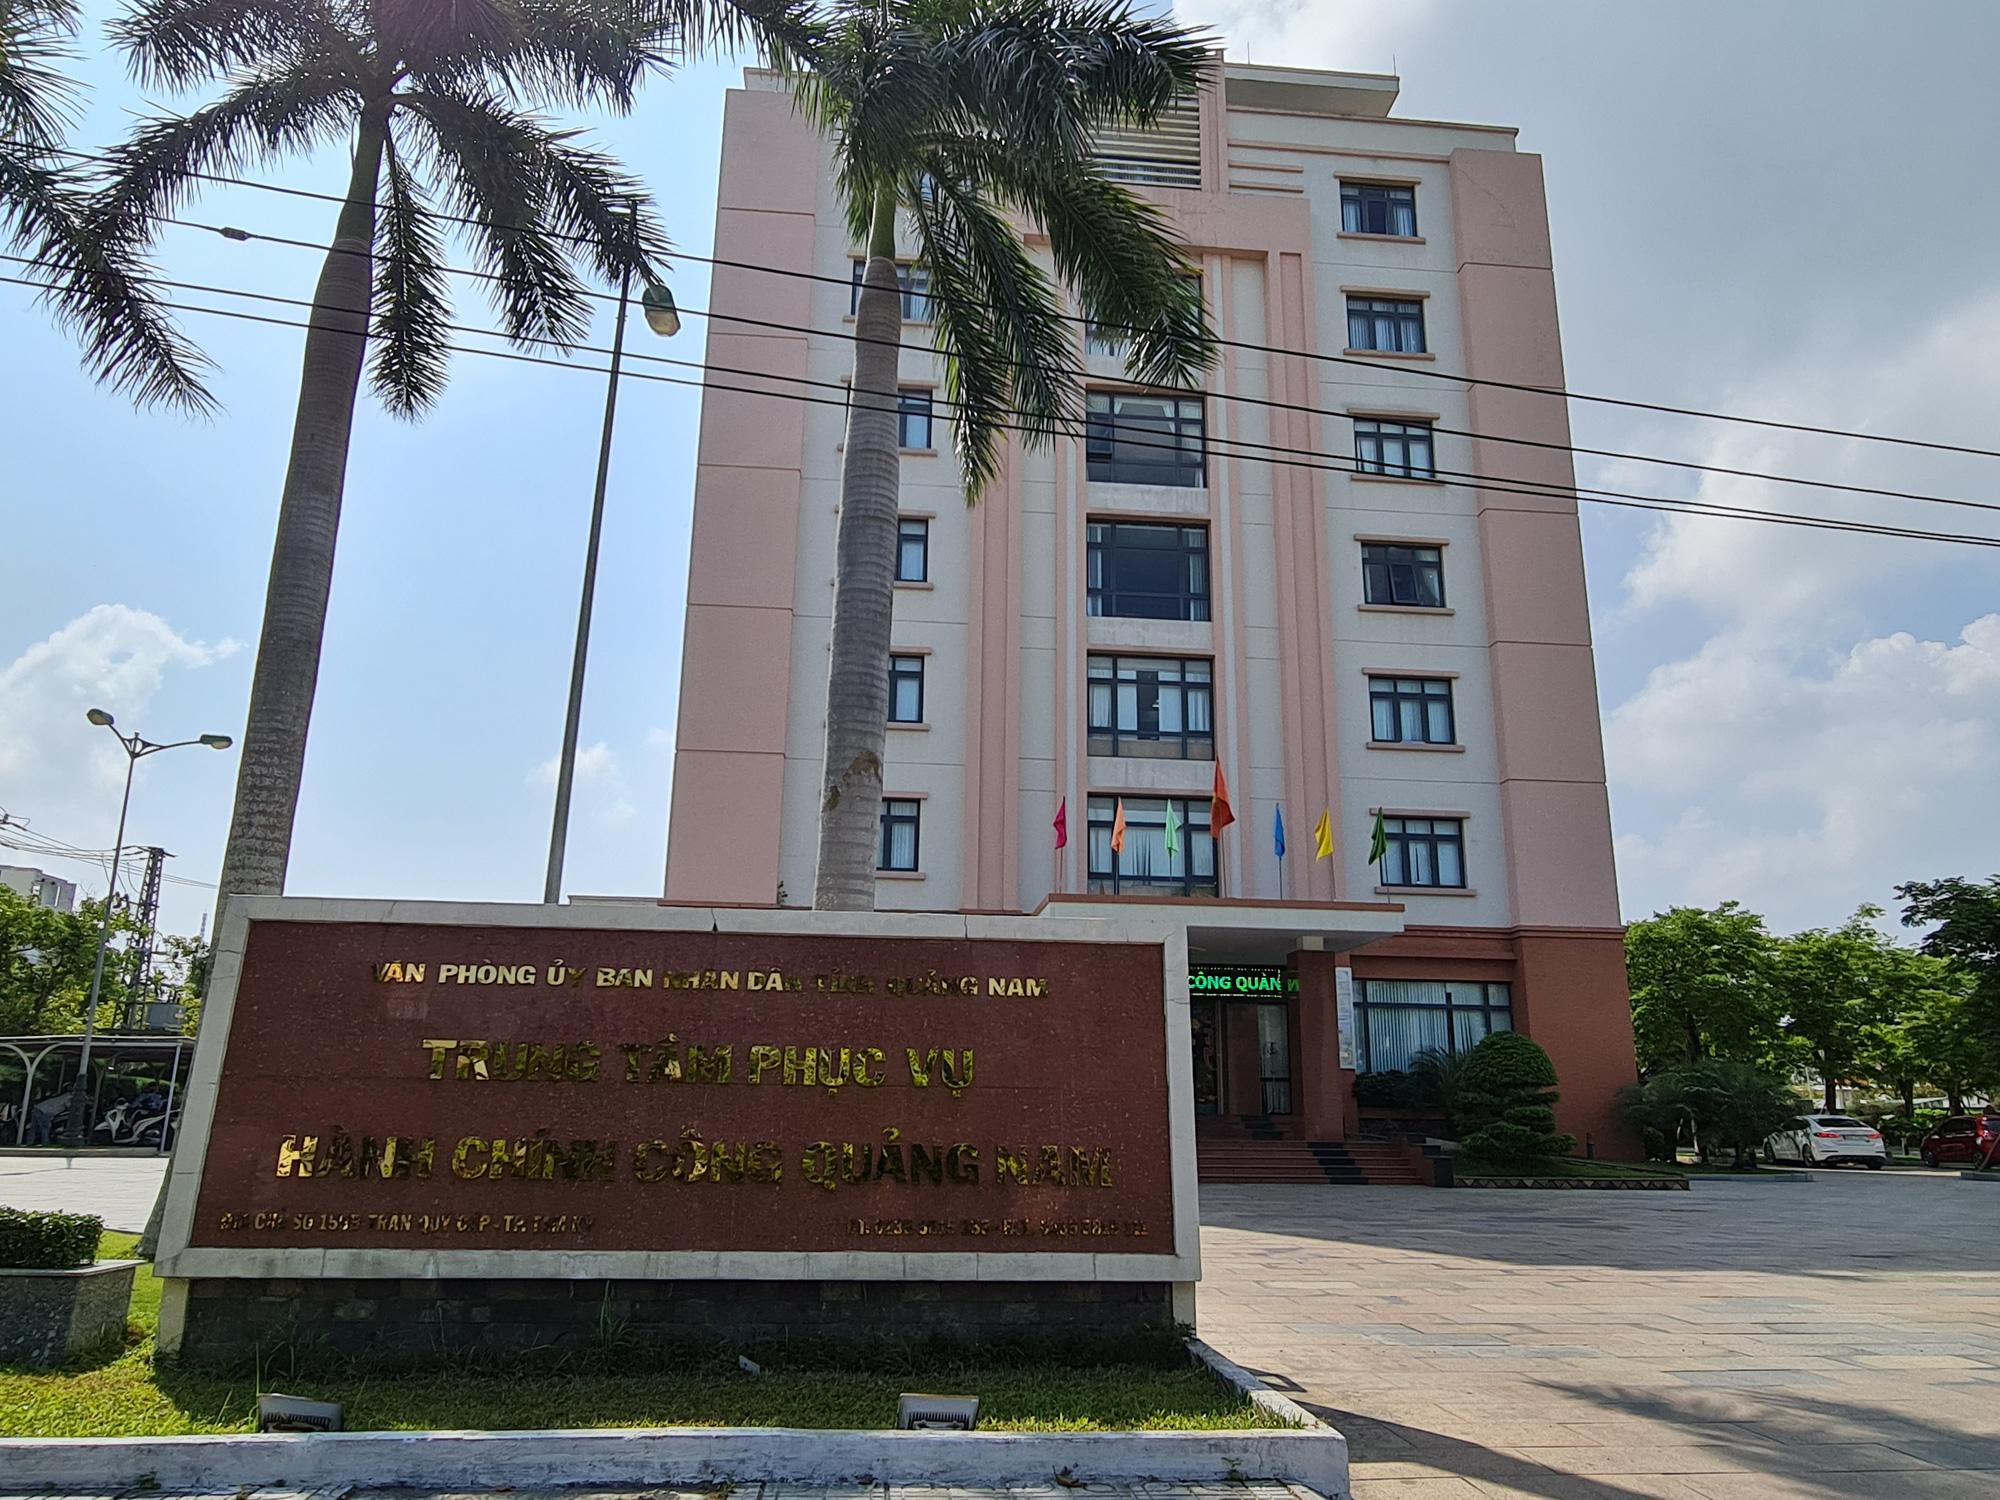 Tỉnh Quảng Nam bổ nhiệm nhiều chức danh chủ chốt, có con trai nguyên Chủ tịch UBND tỉnh - Ảnh 3.